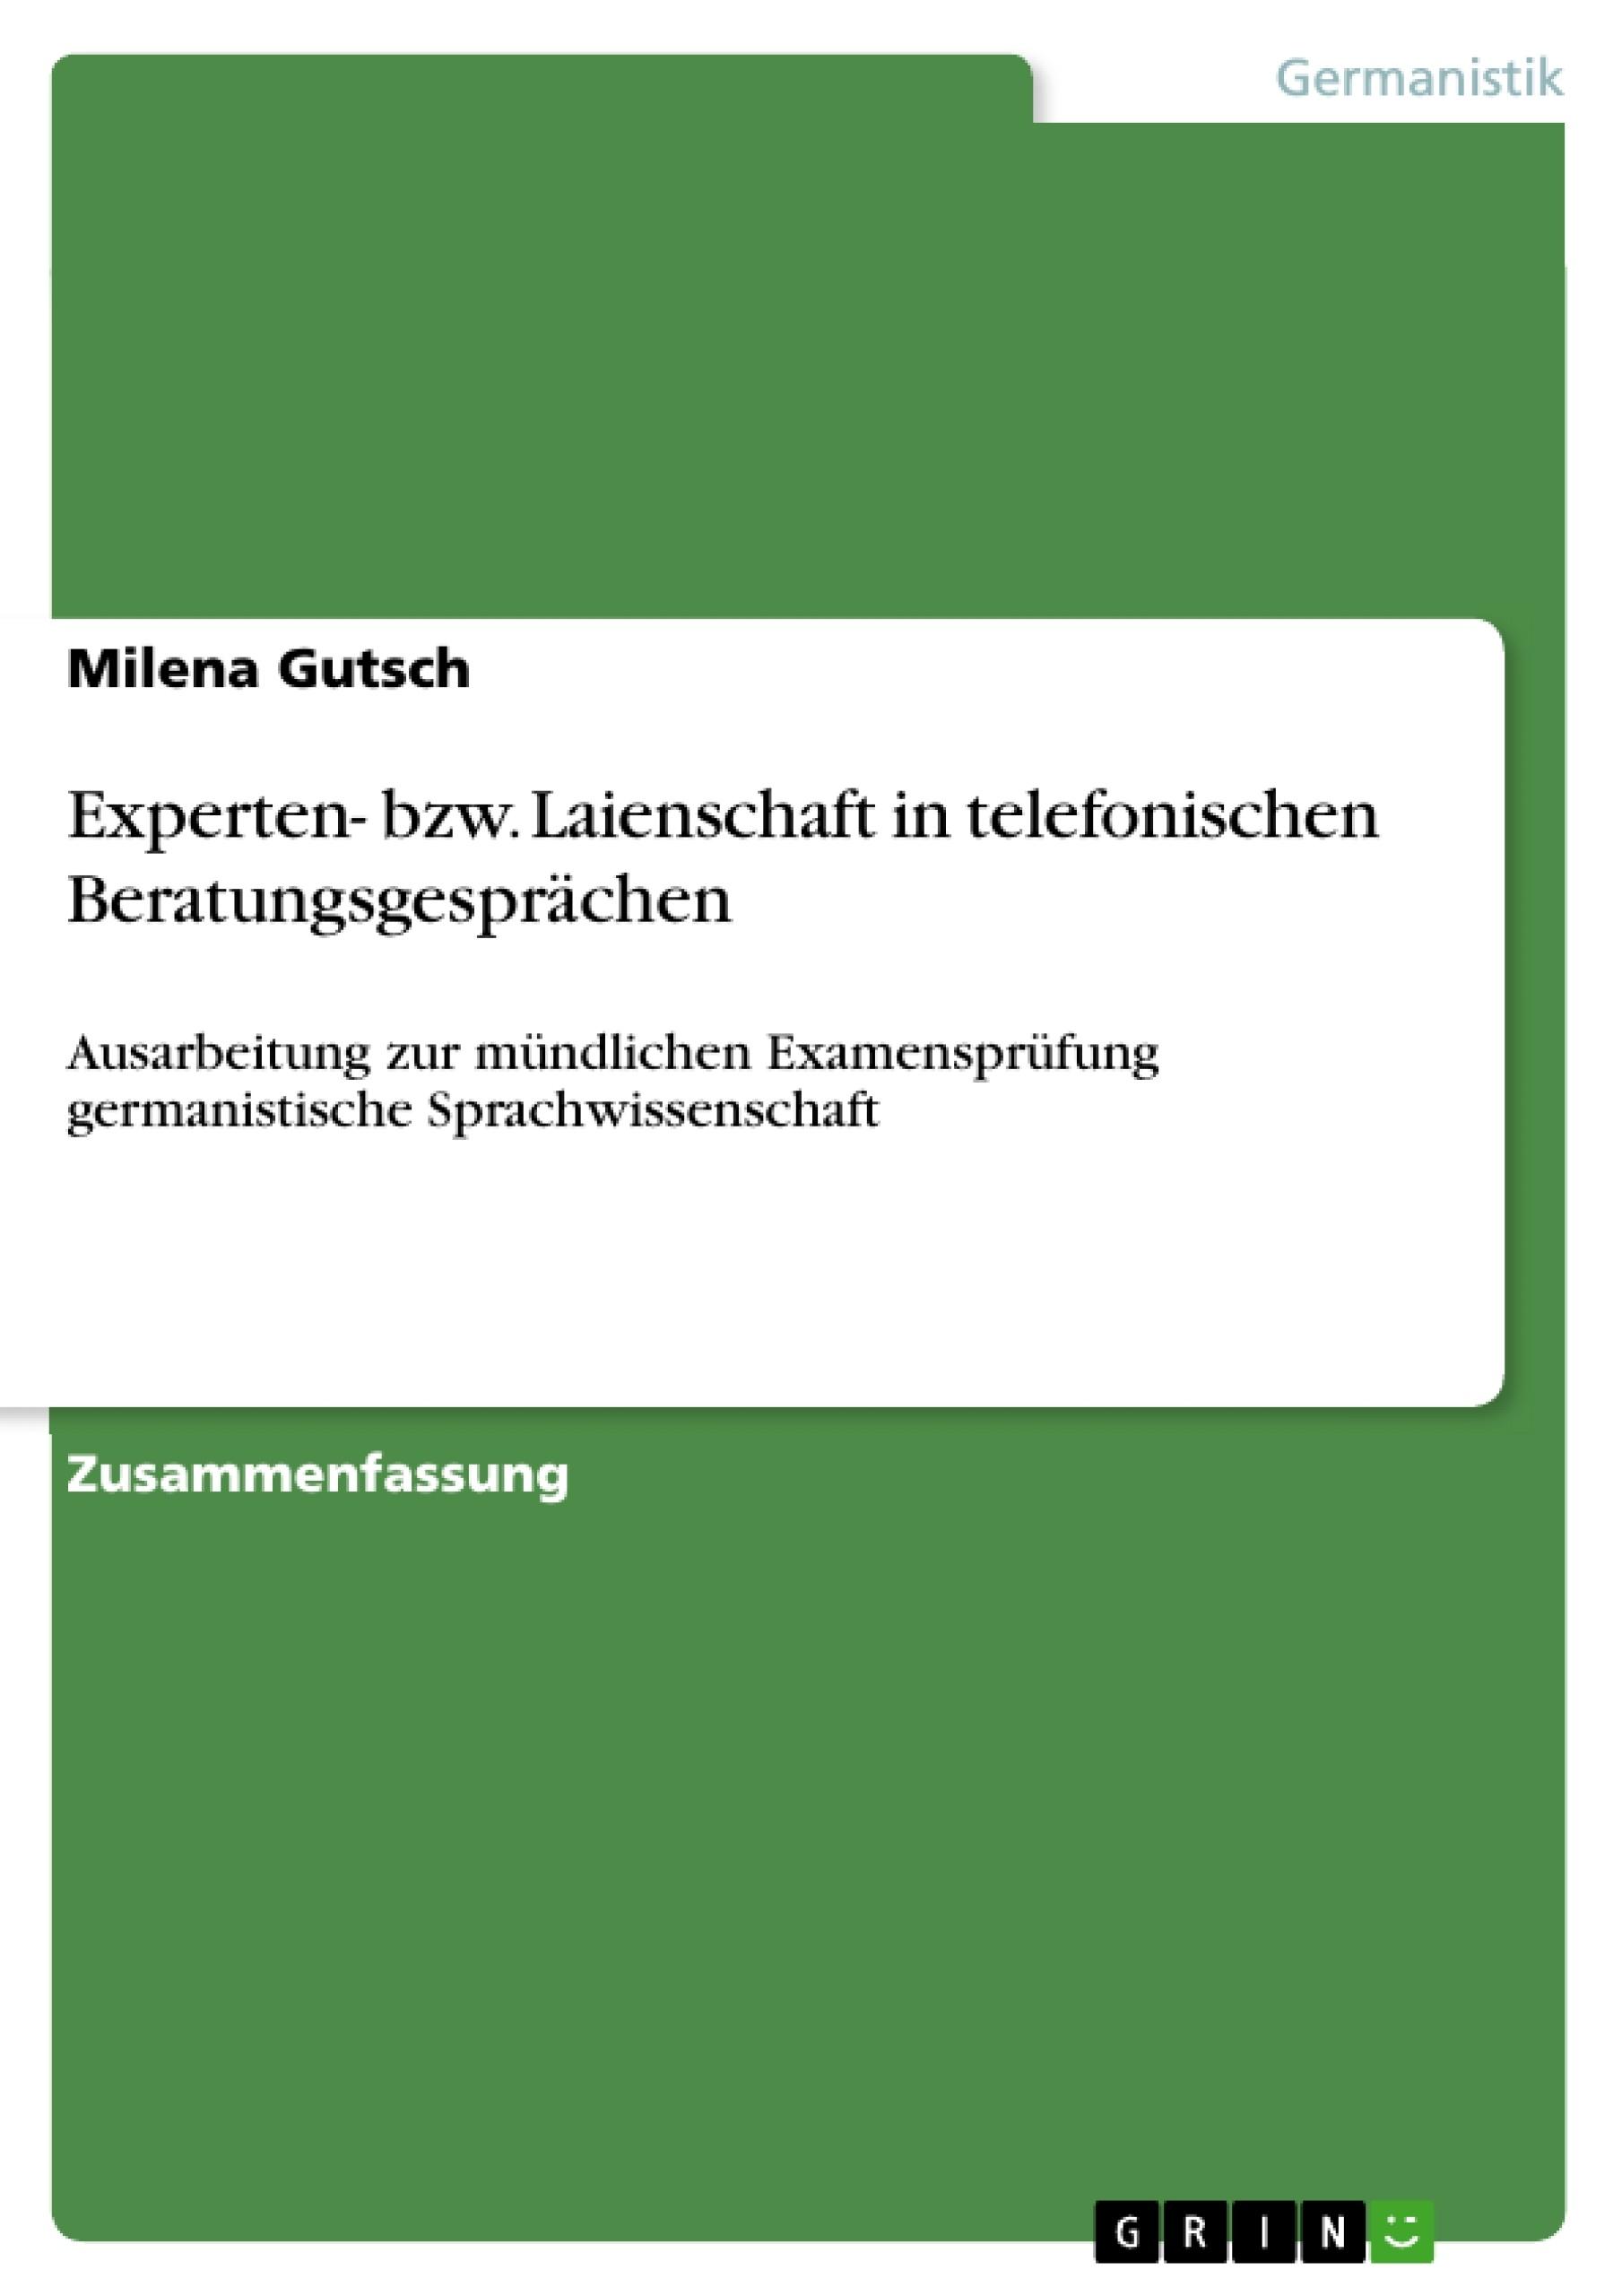 Titel: Experten- bzw. Laienschaft in telefonischen Beratungsgesprächen